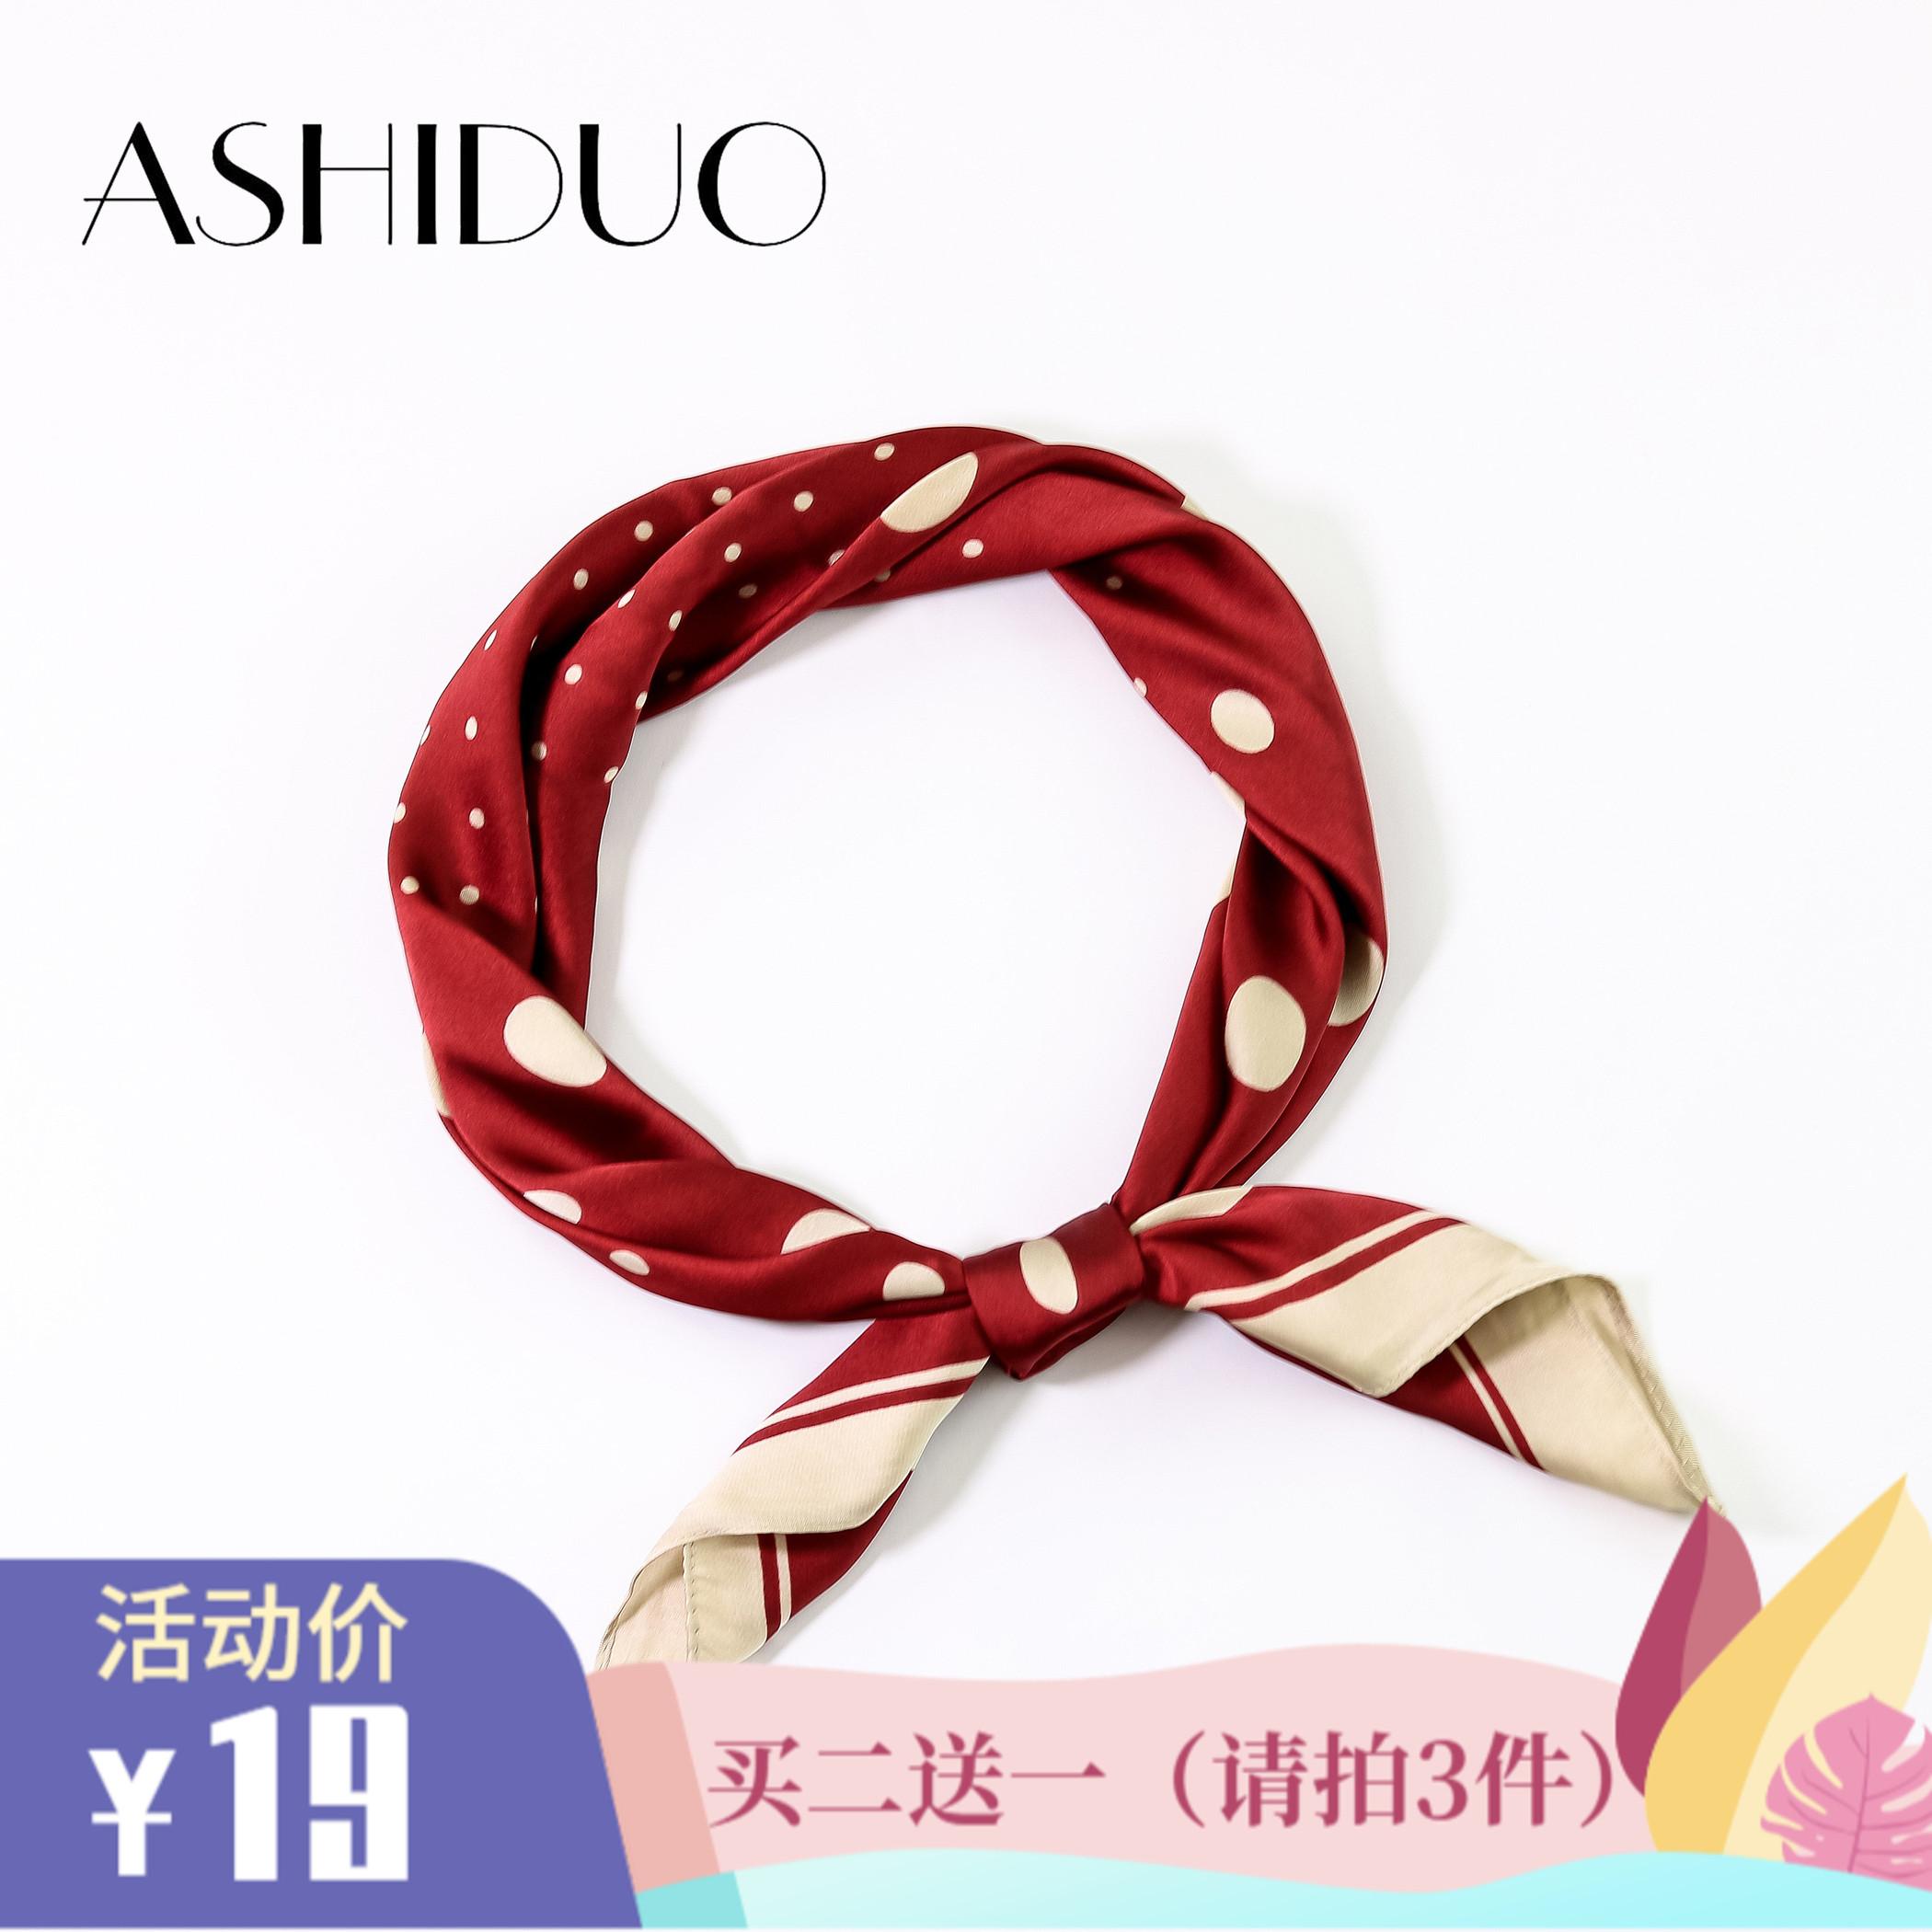 丝巾秋款洋气时尚小方巾韩国女红色披肩百搭领巾职业装饰围巾围脖